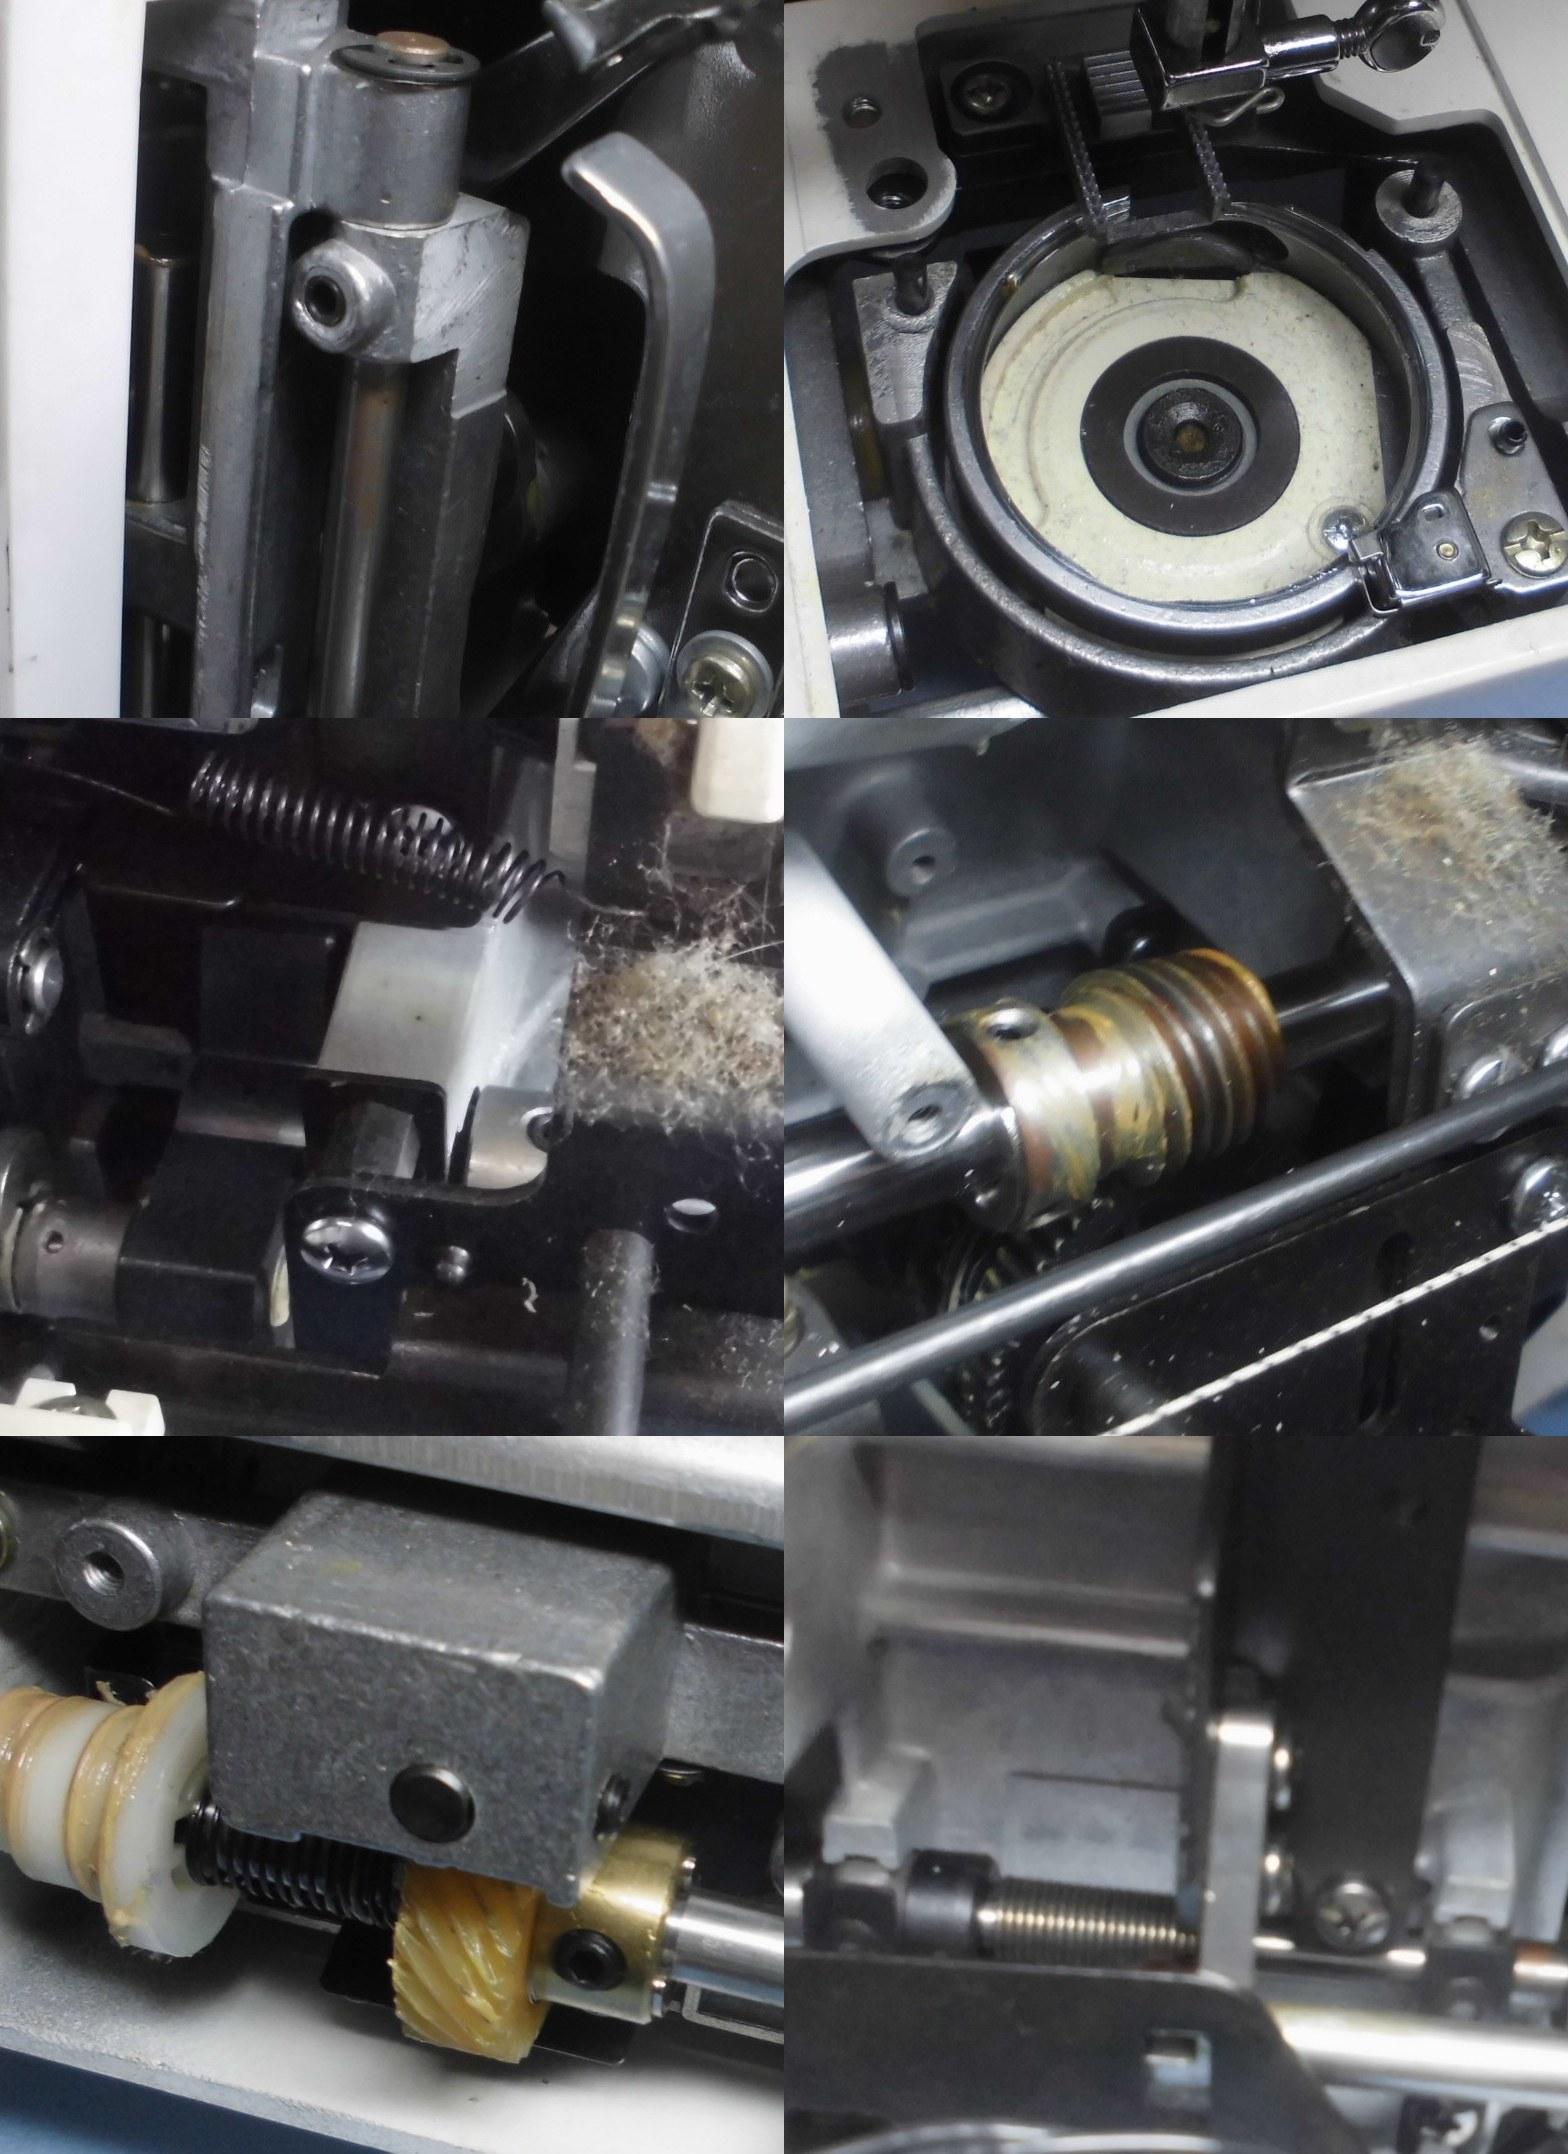 fitline6300の故障や不具合|動かない、縫えない、異音、動作不良、部品の破損